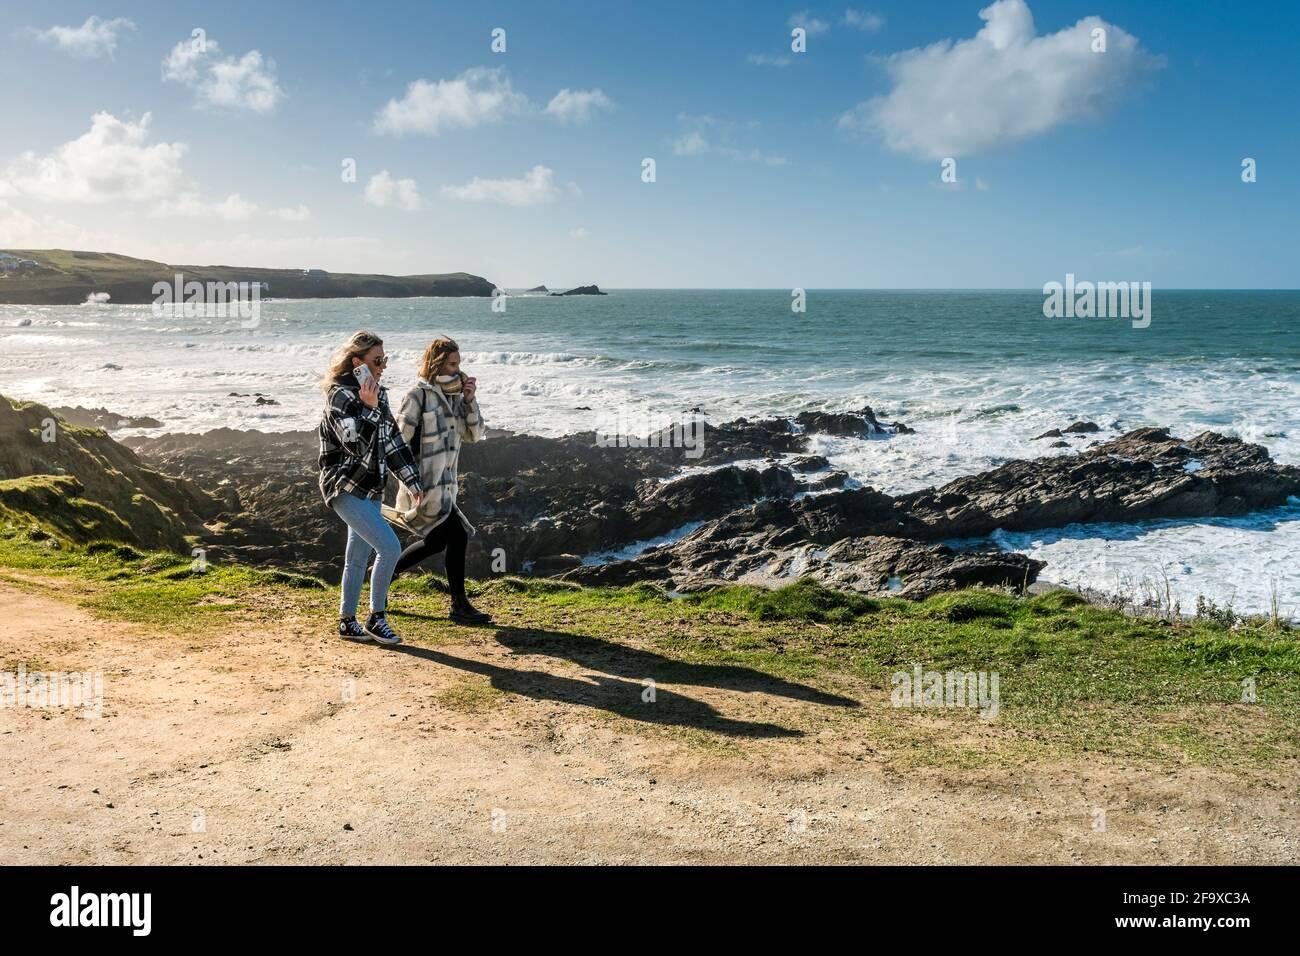 Zwei Freundinnen, die auf dem Küstenpfad auf der Landzunge in Newquay in Cornwall spazieren. Stockfoto